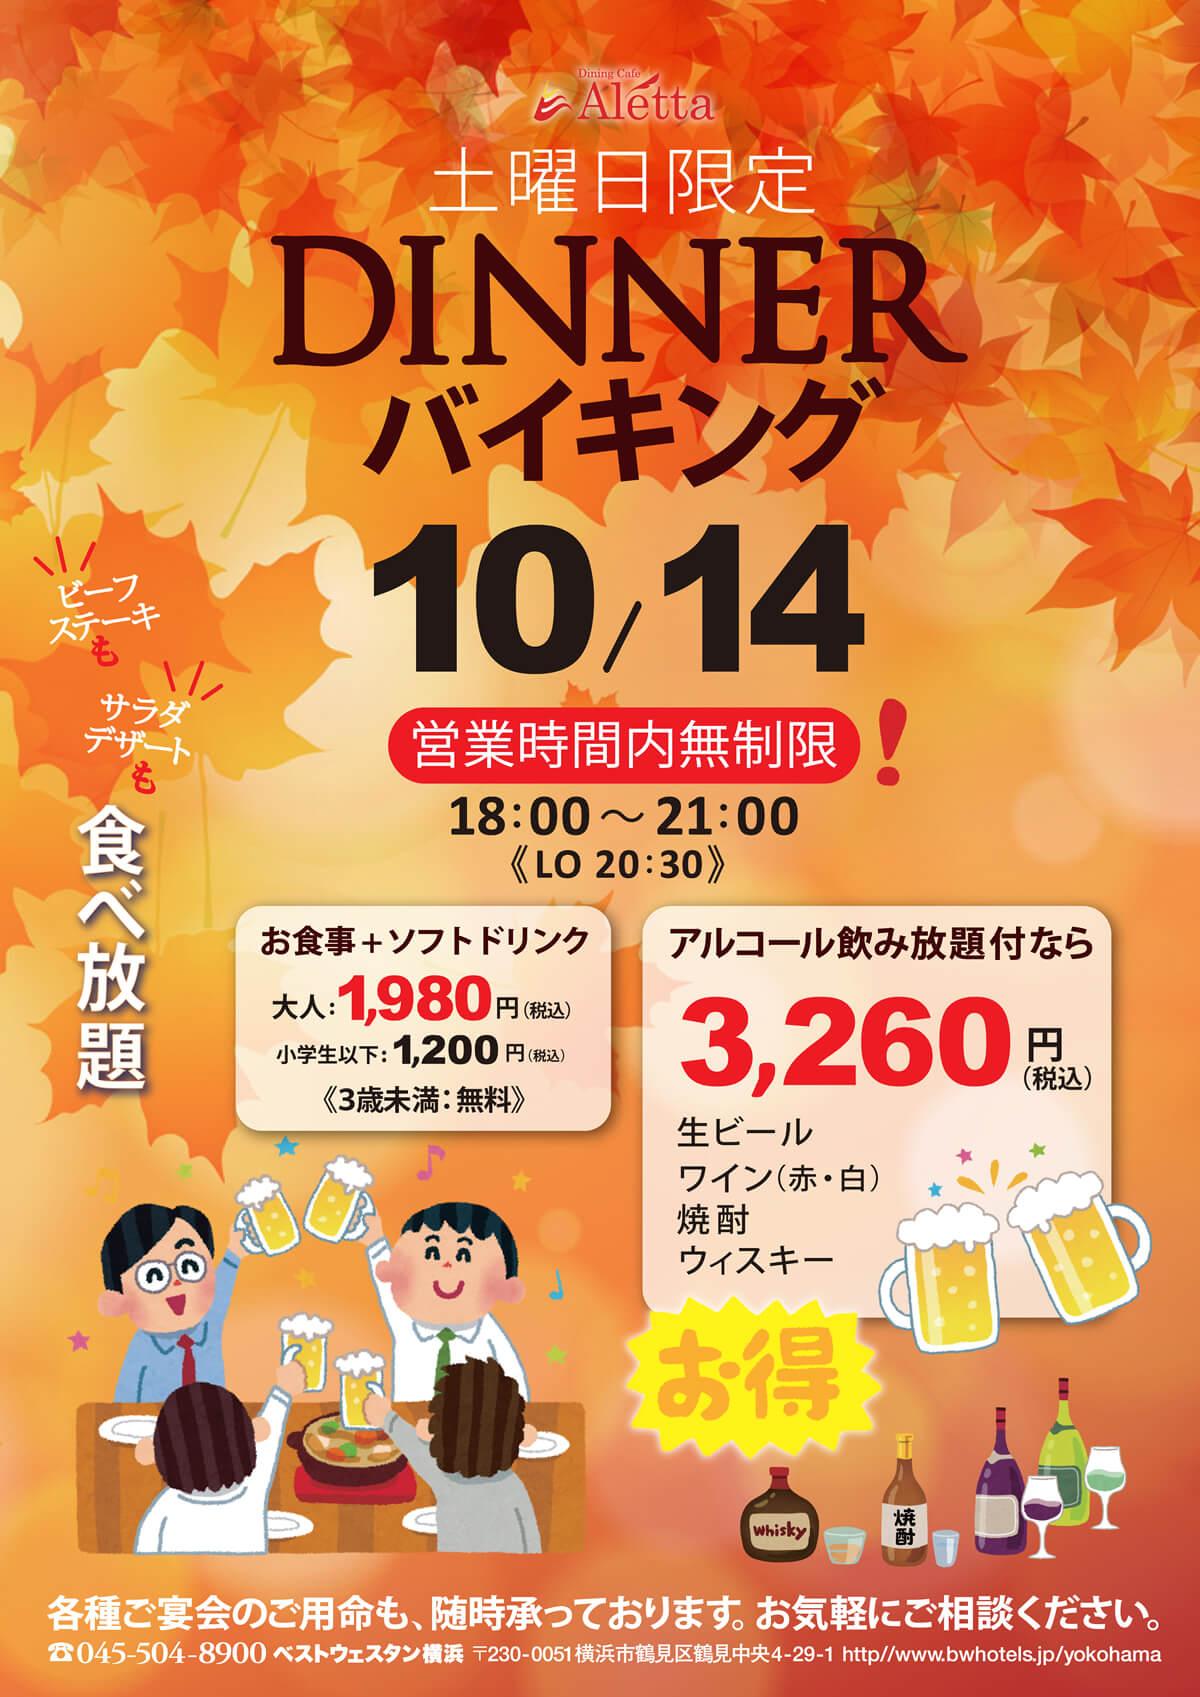 レストラン アレッタ◆土曜日限定|DINNERバイキング 10月14日◆営業時間内無制限食べ放題